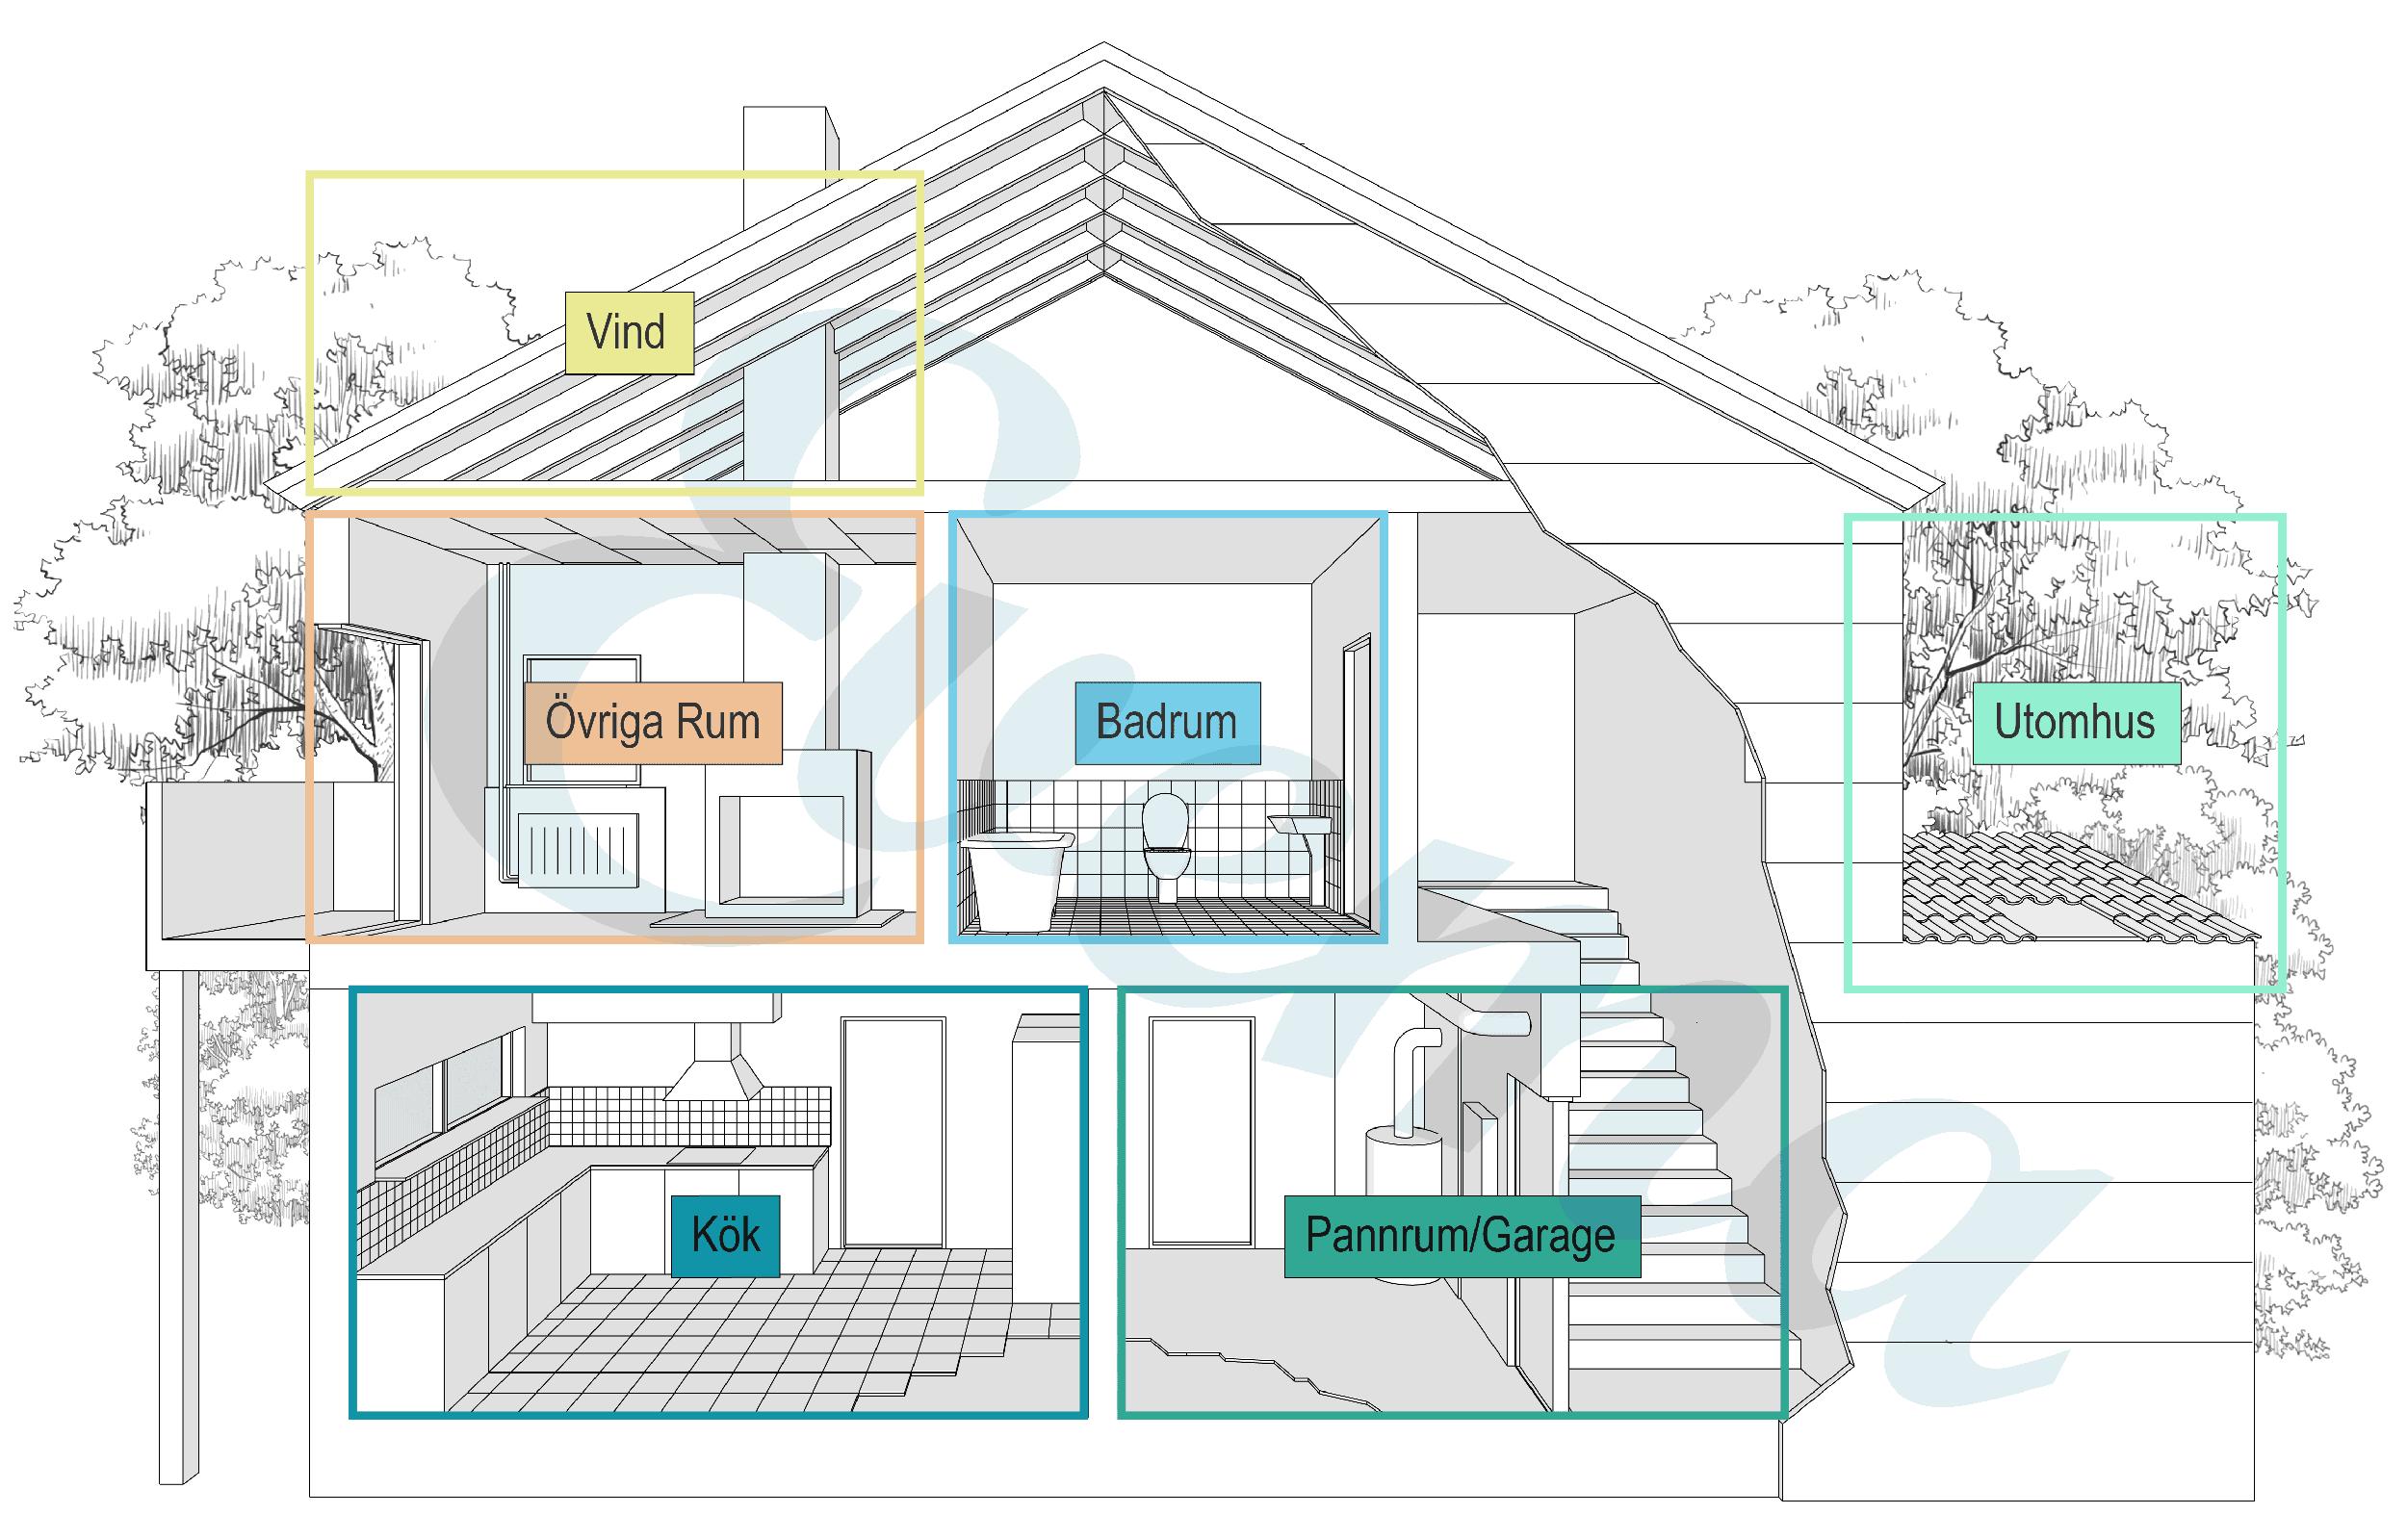 Grafisk bild på ett hus som visar i vilka rum det kan finnas asbest